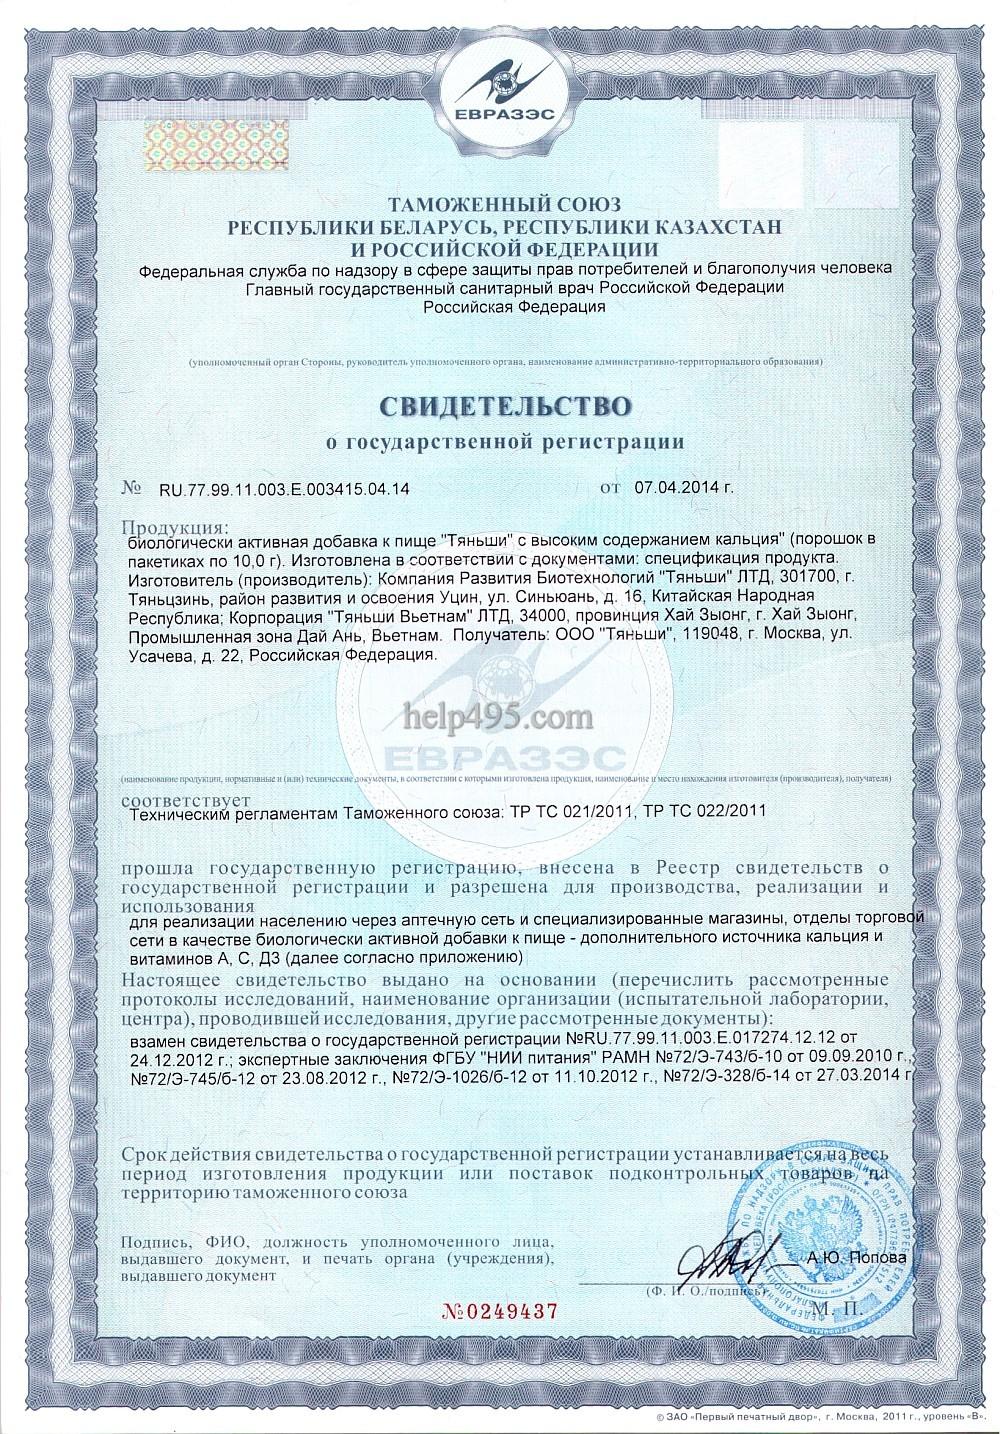 1-ая стр. сертификата препарата: Тяньши с высоким содержанием кальция